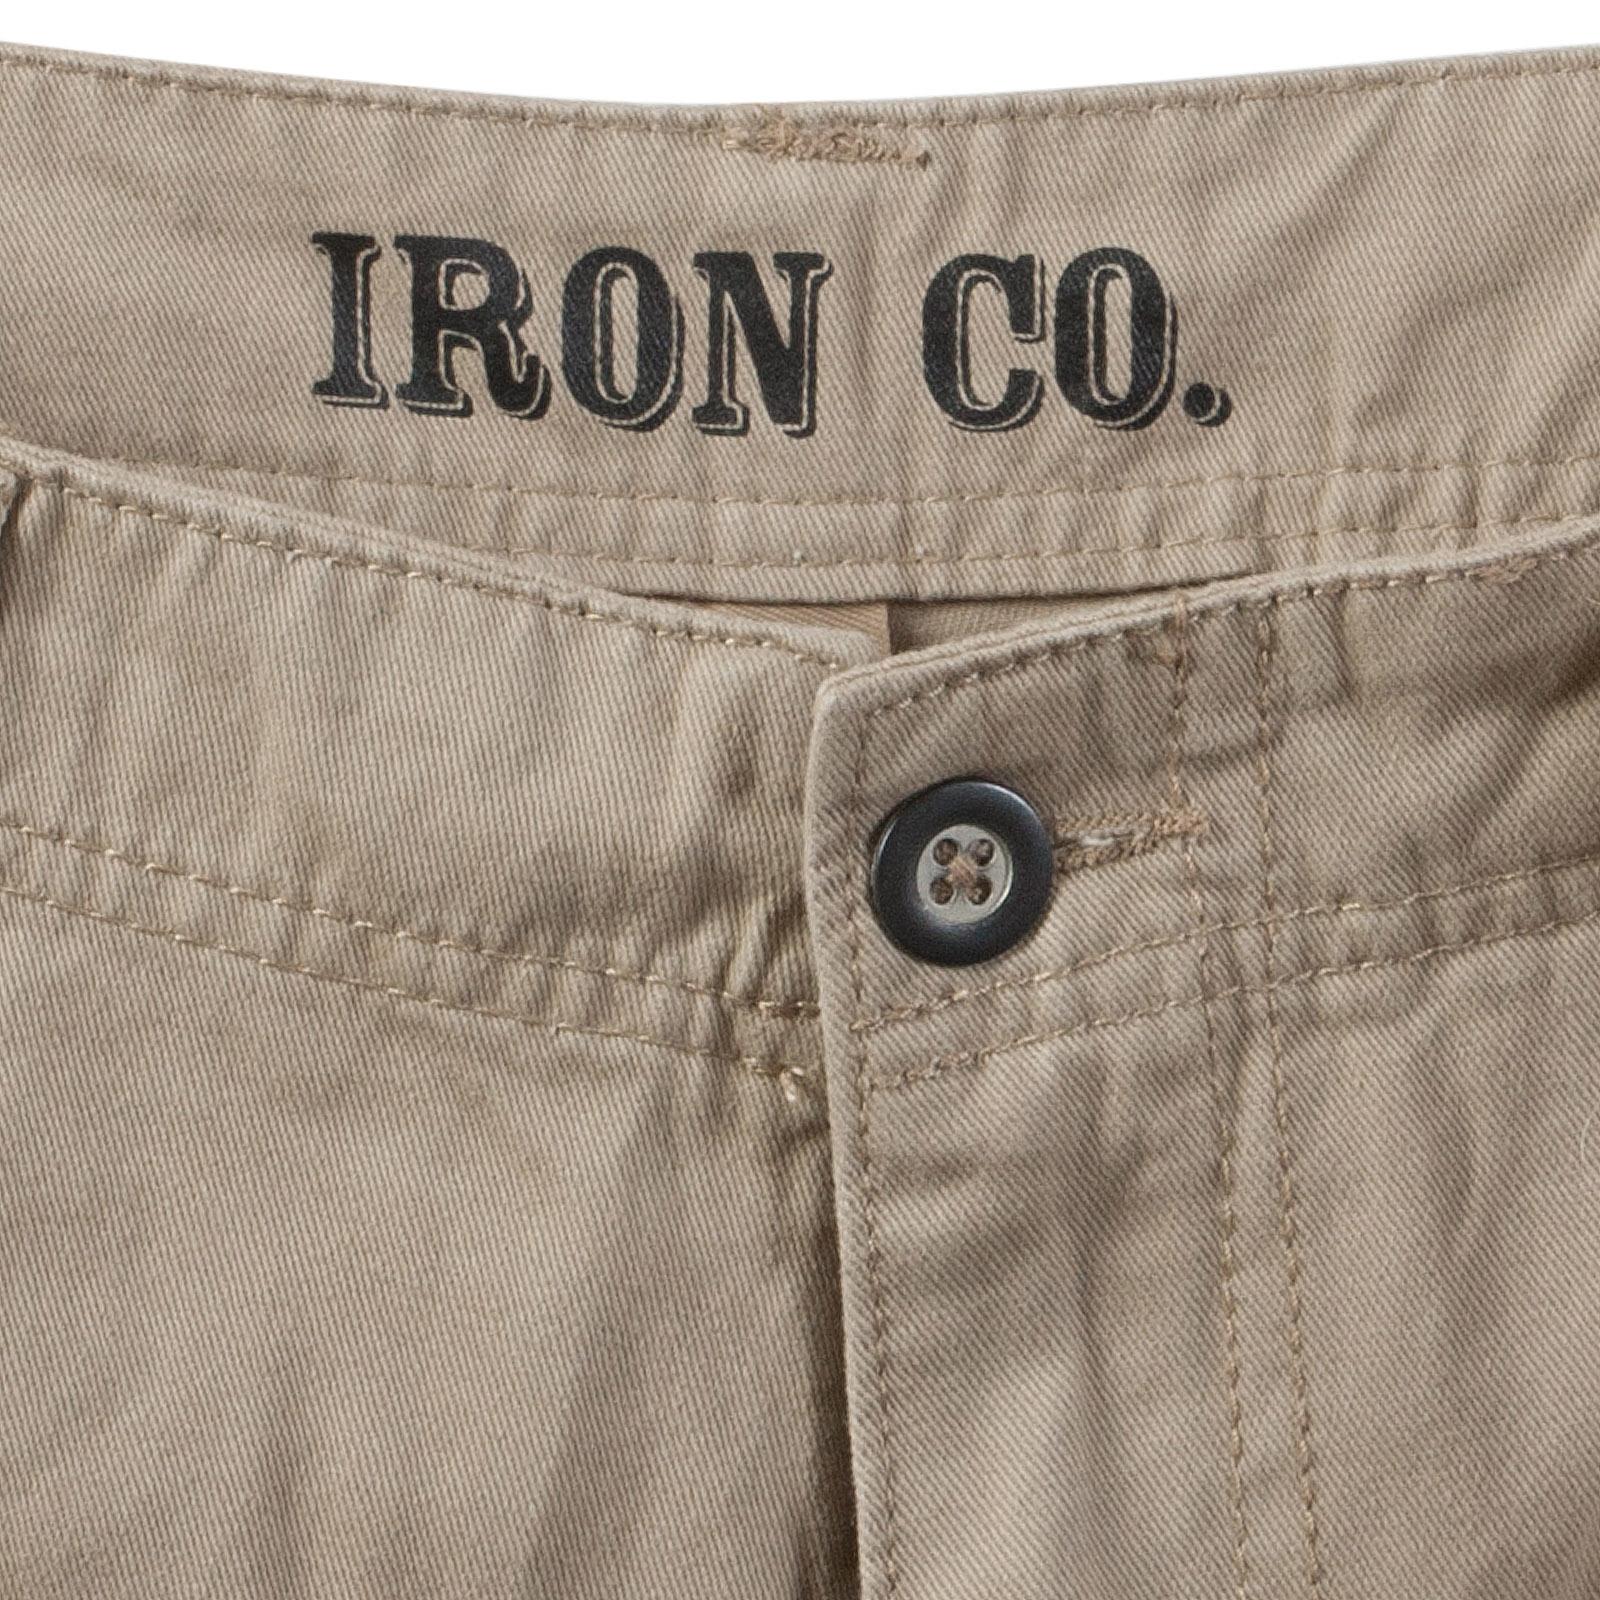 Мужские песочные шорты - производитель Iron Co.